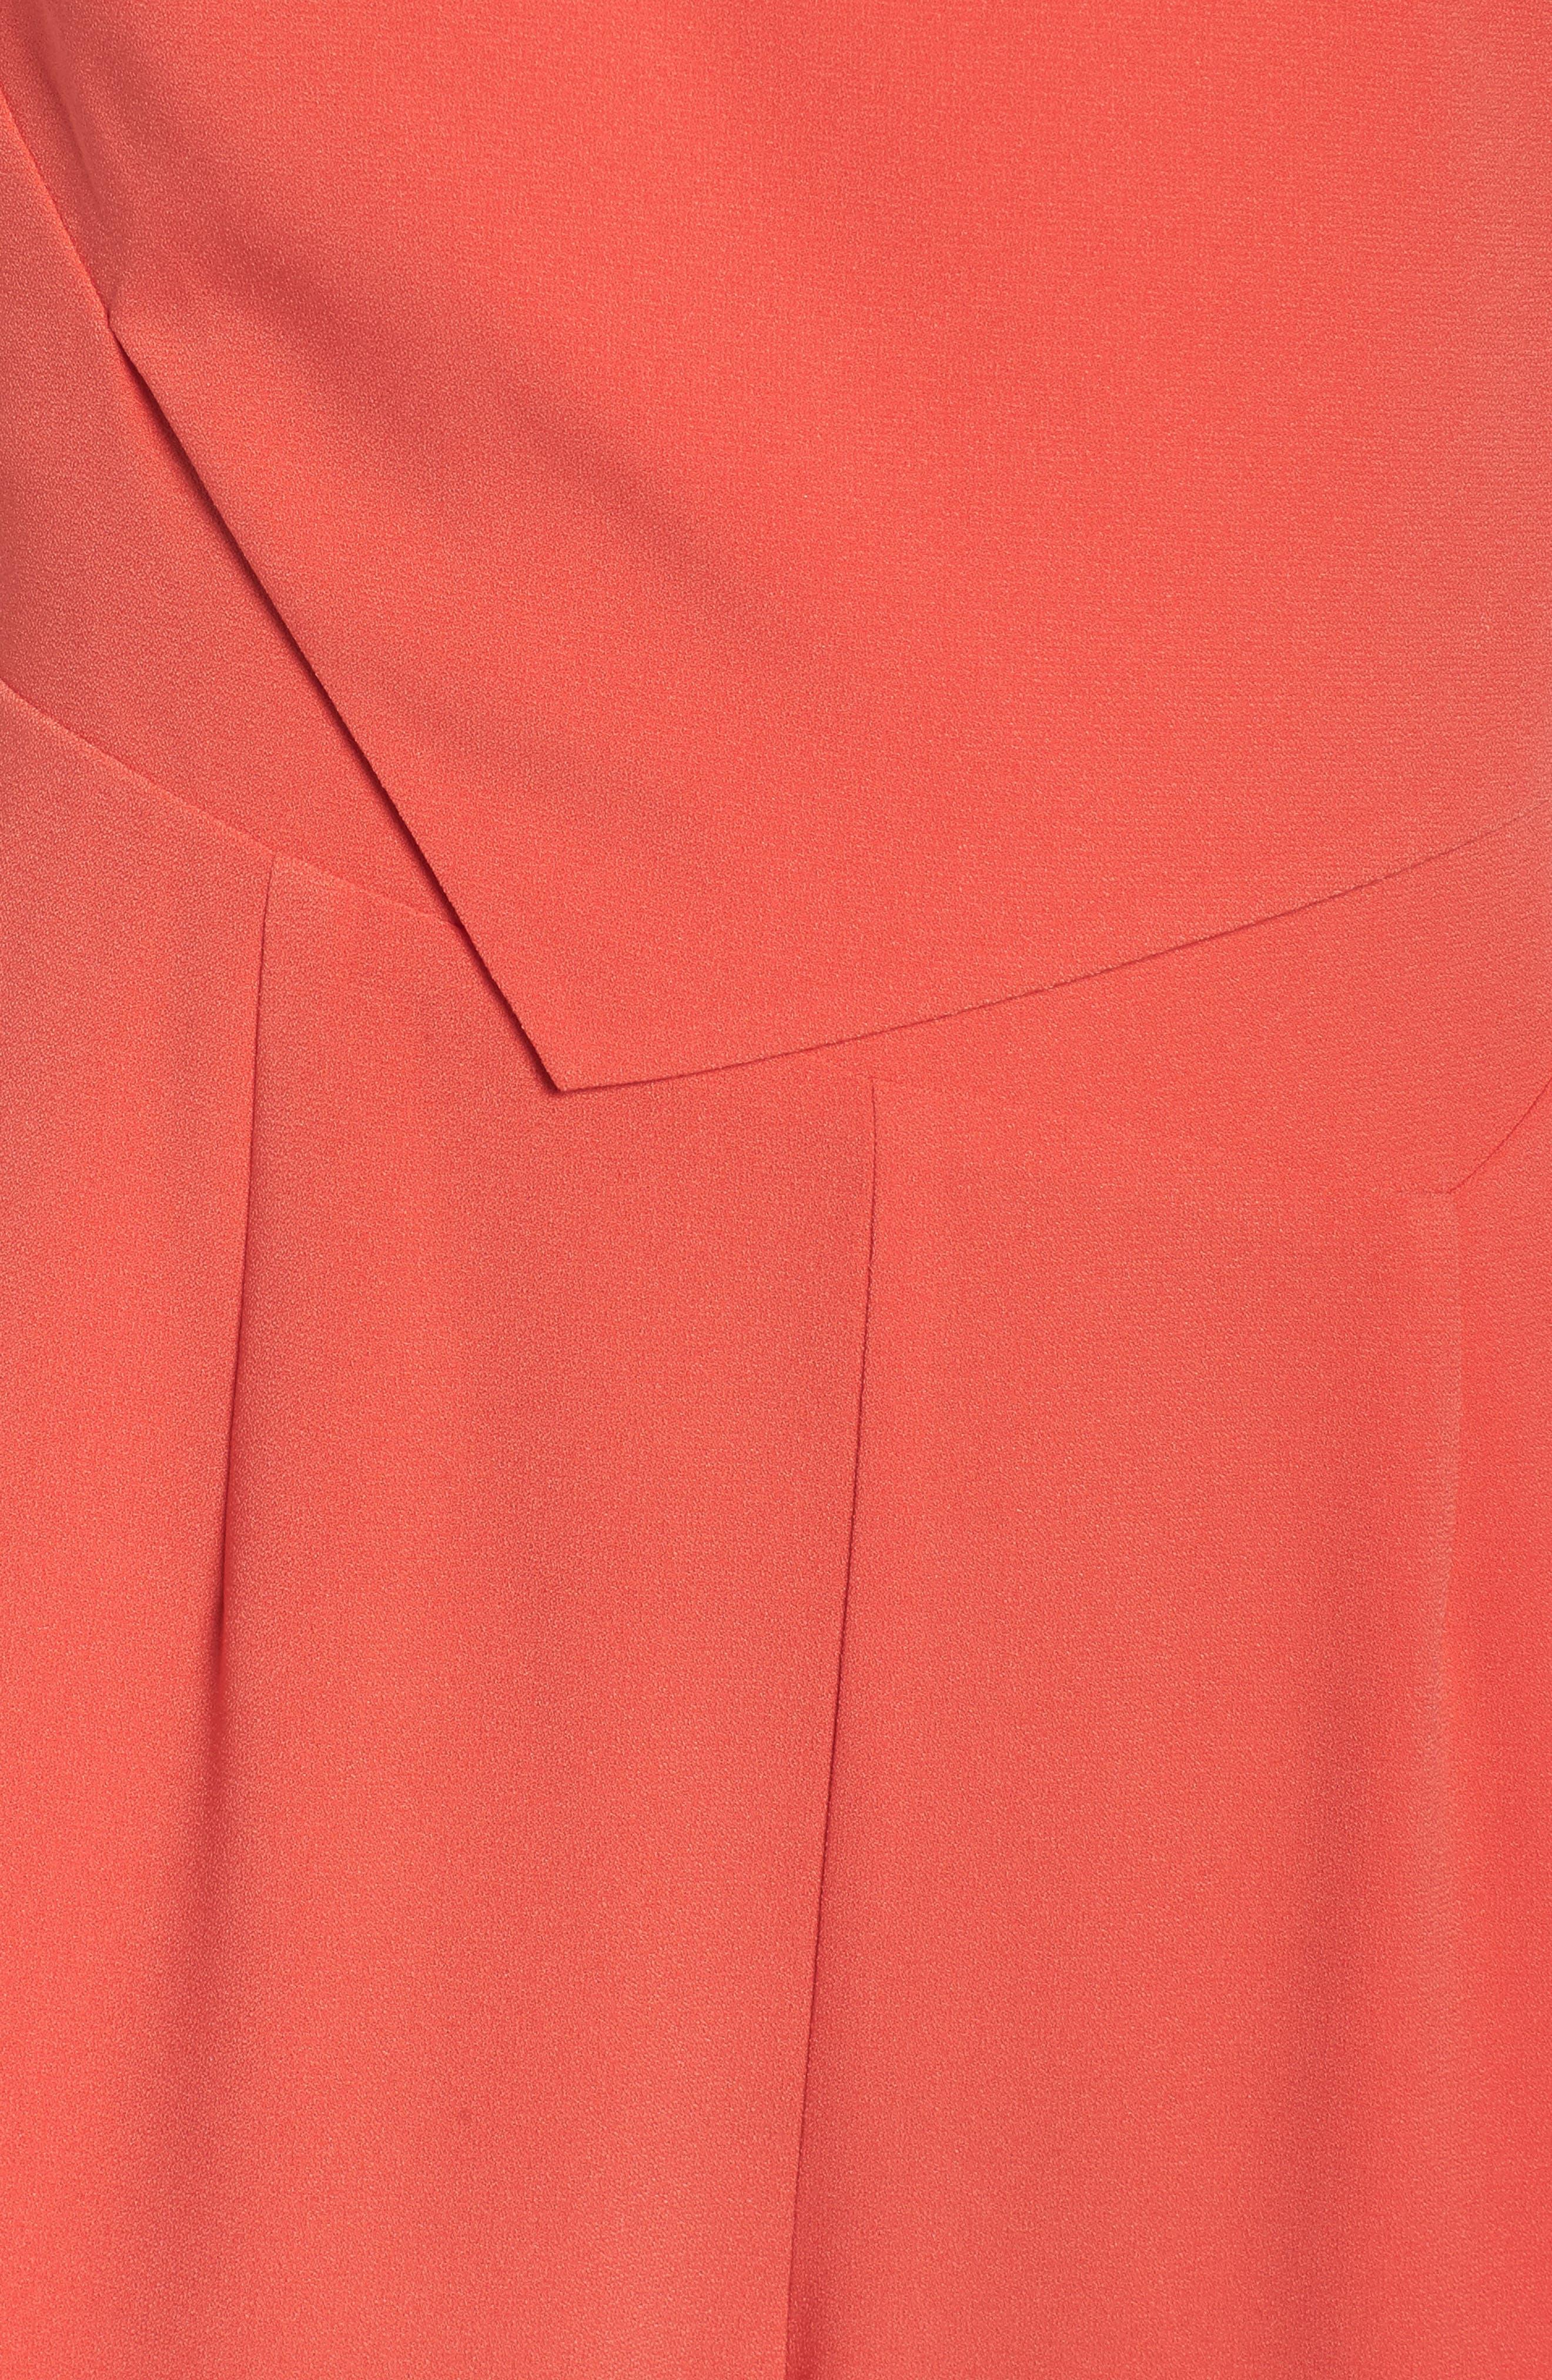 Asymmetrical Pleat Jumpsuit,                             Alternate thumbnail 6, color,                             Coral